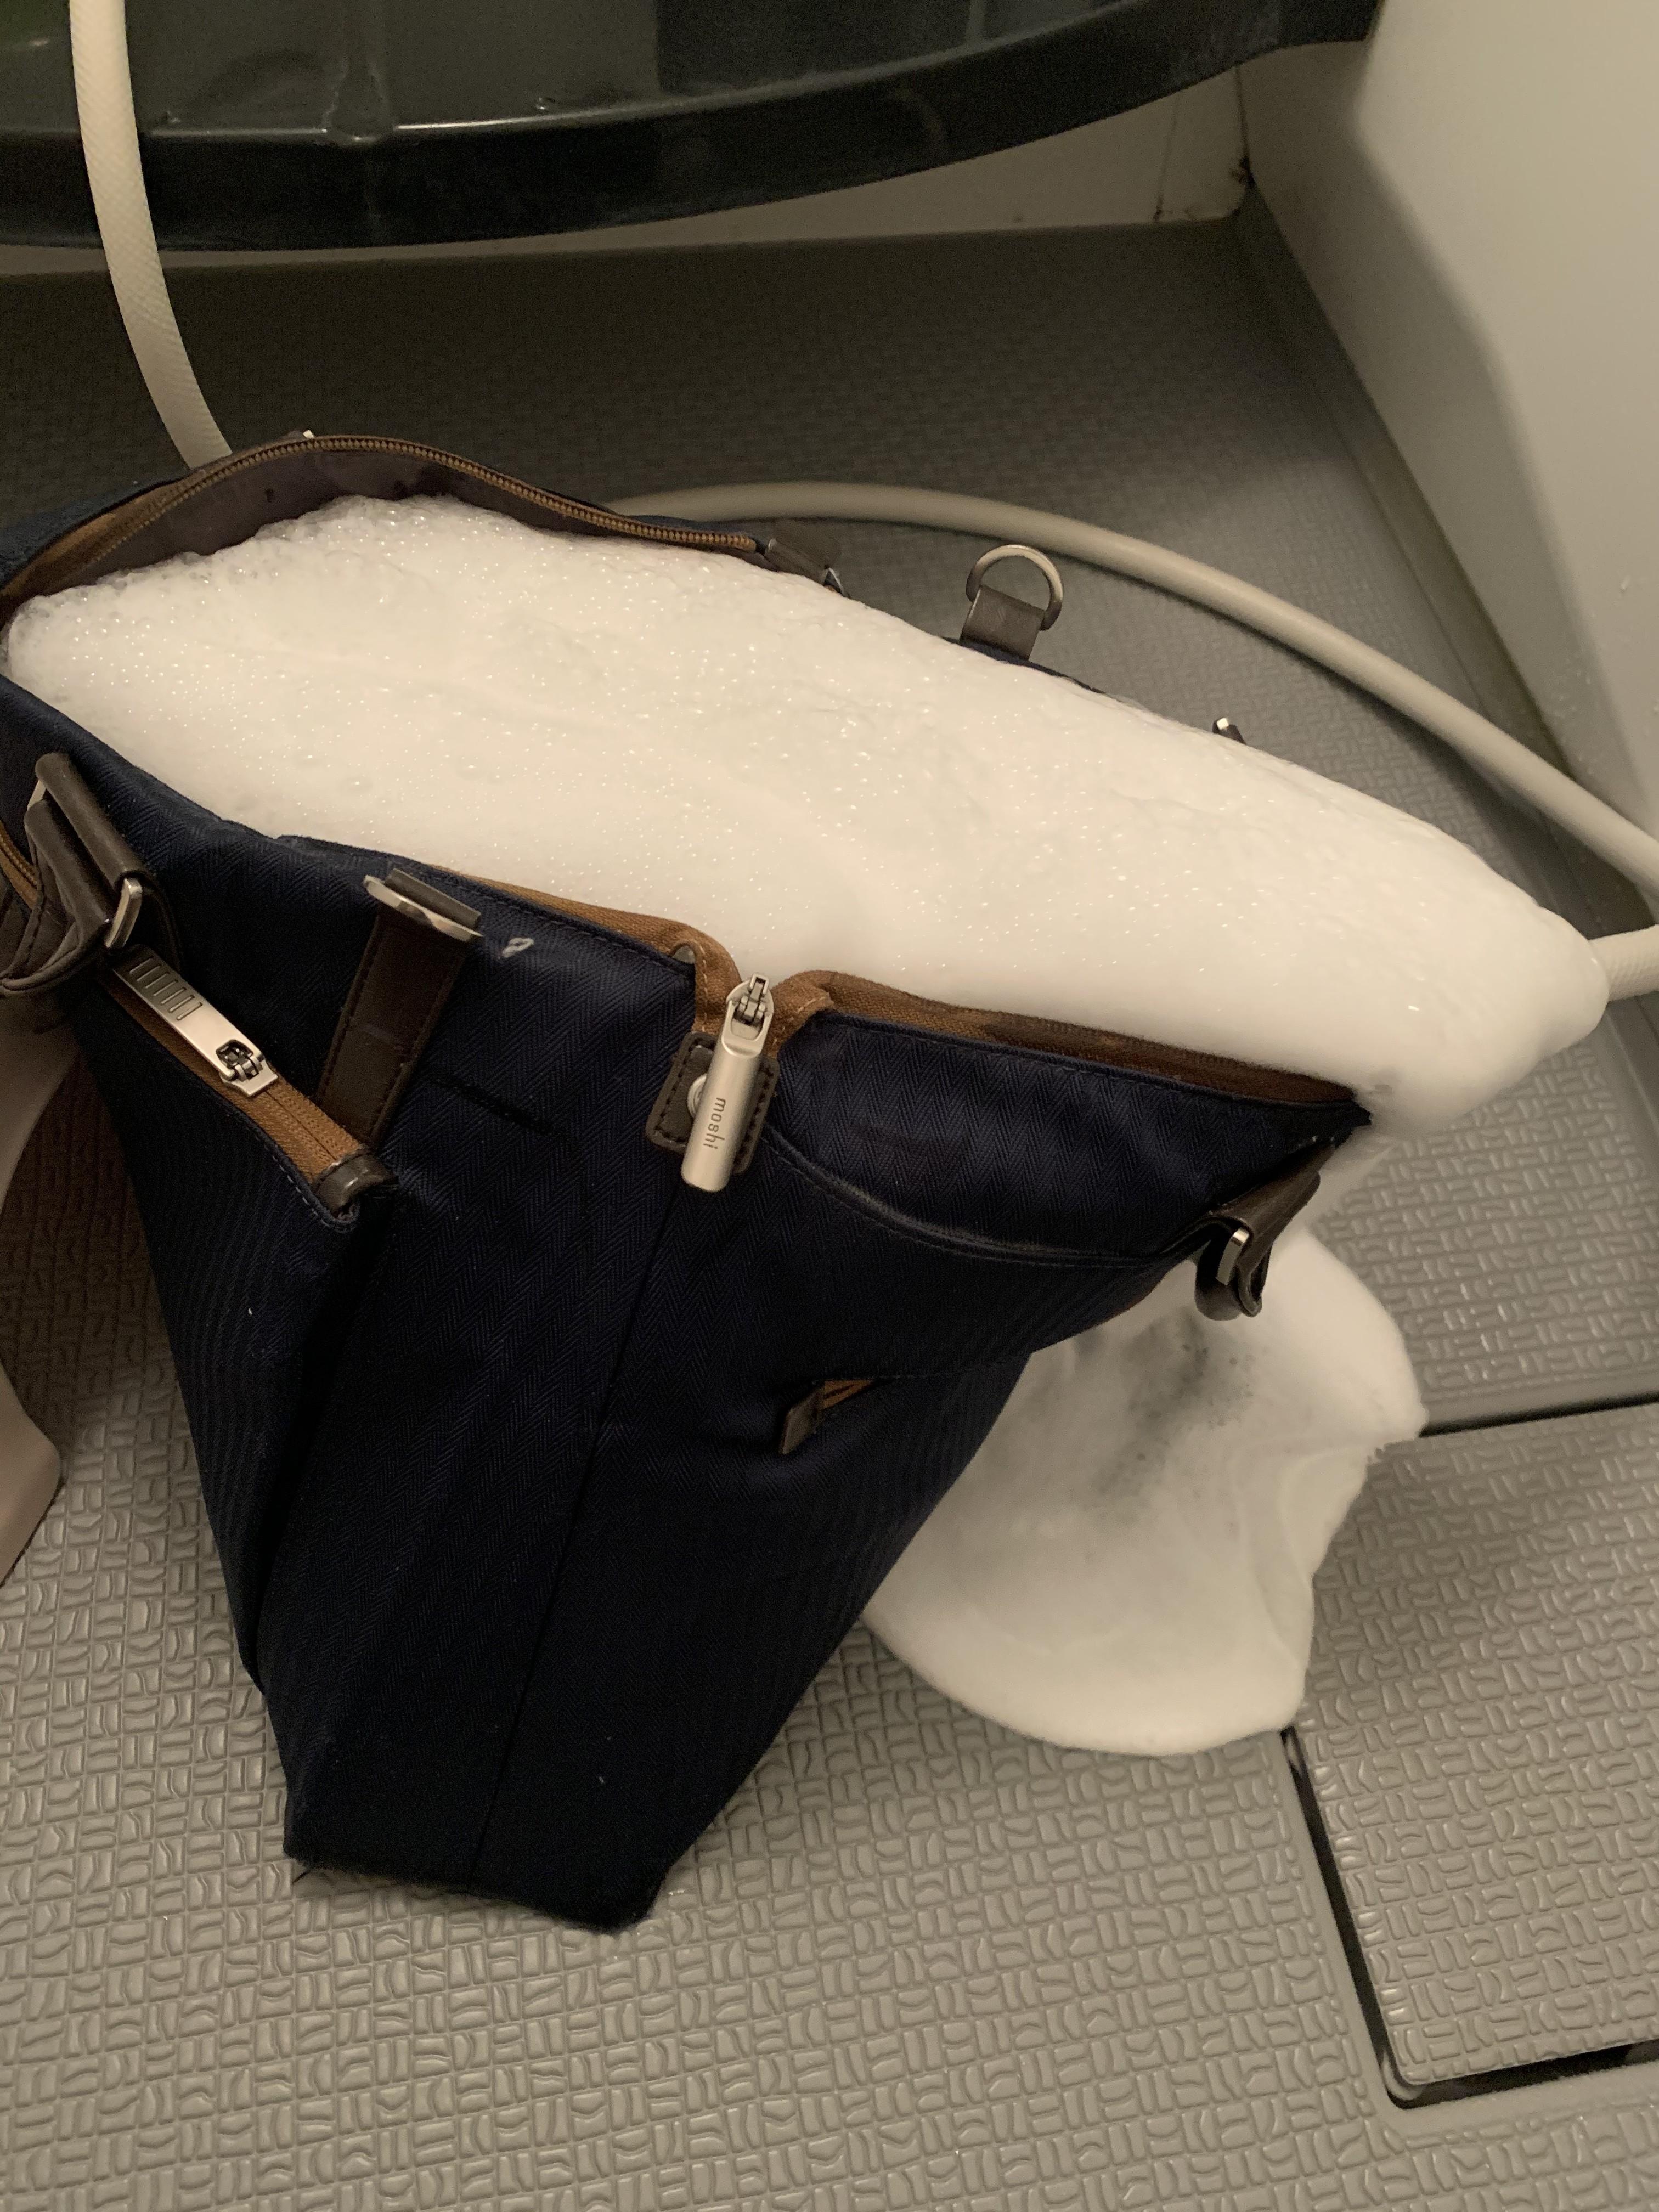 ▲▼ 補充包在包包炸開 。(圖/翻攝自Twitter/@sakasakaykhm )